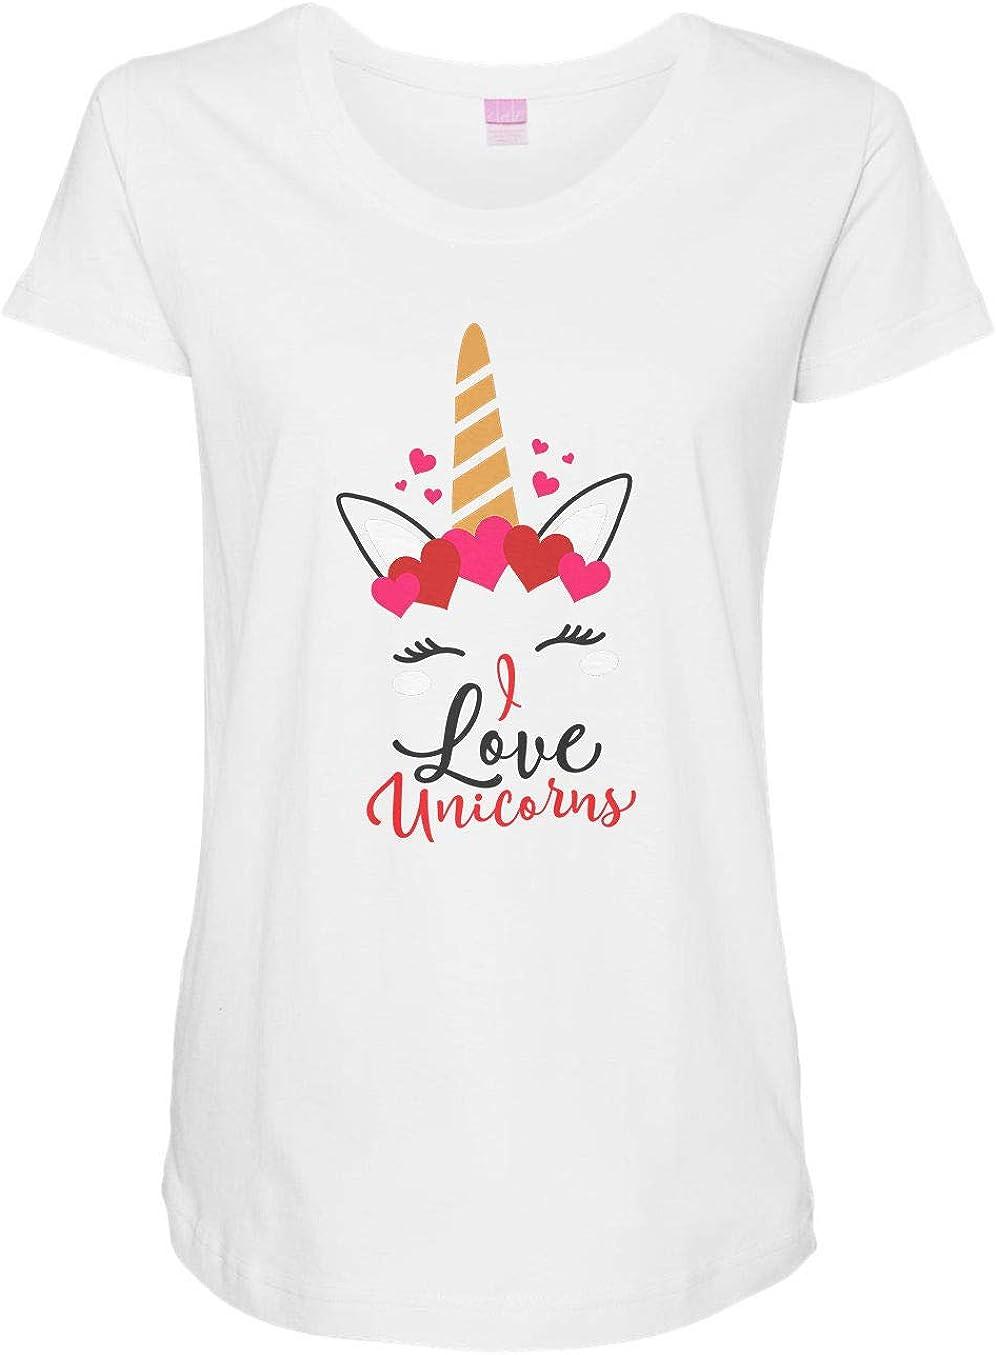 HARD EDGE DESIGN Women's I Love Unicorns T-Shirt